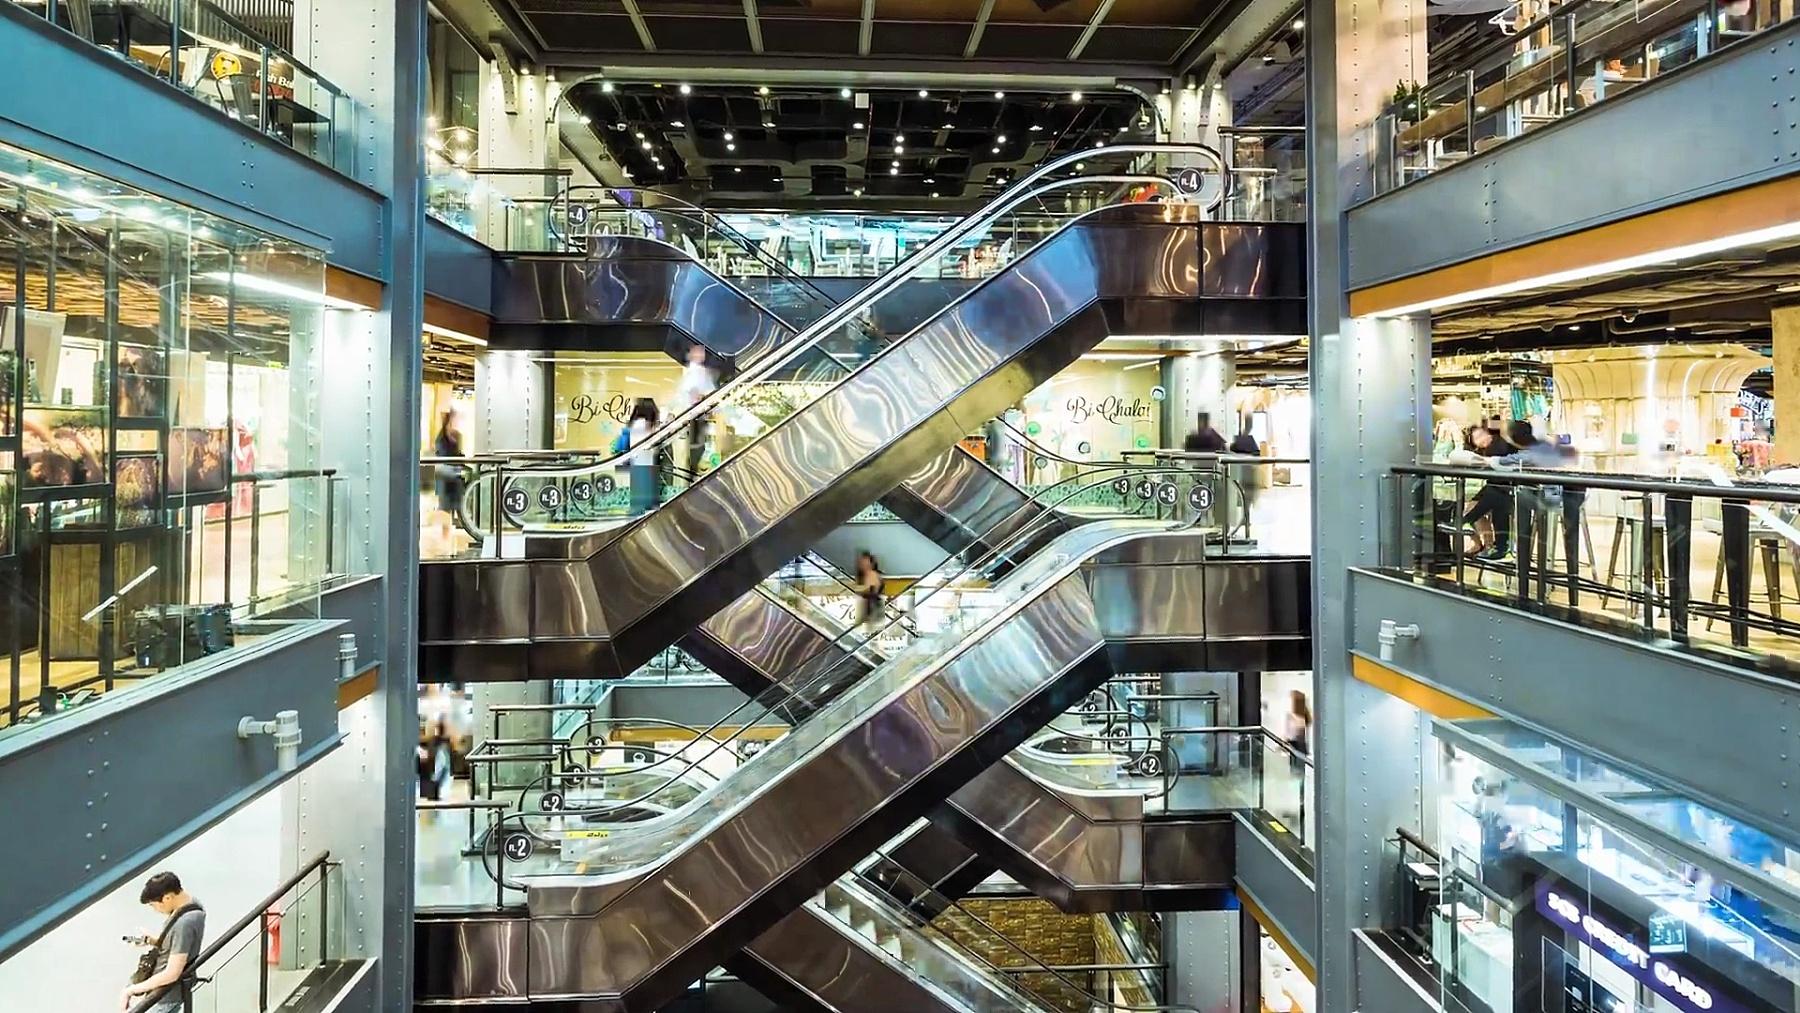 时间间隔 购物中心自动扶梯上的人群。